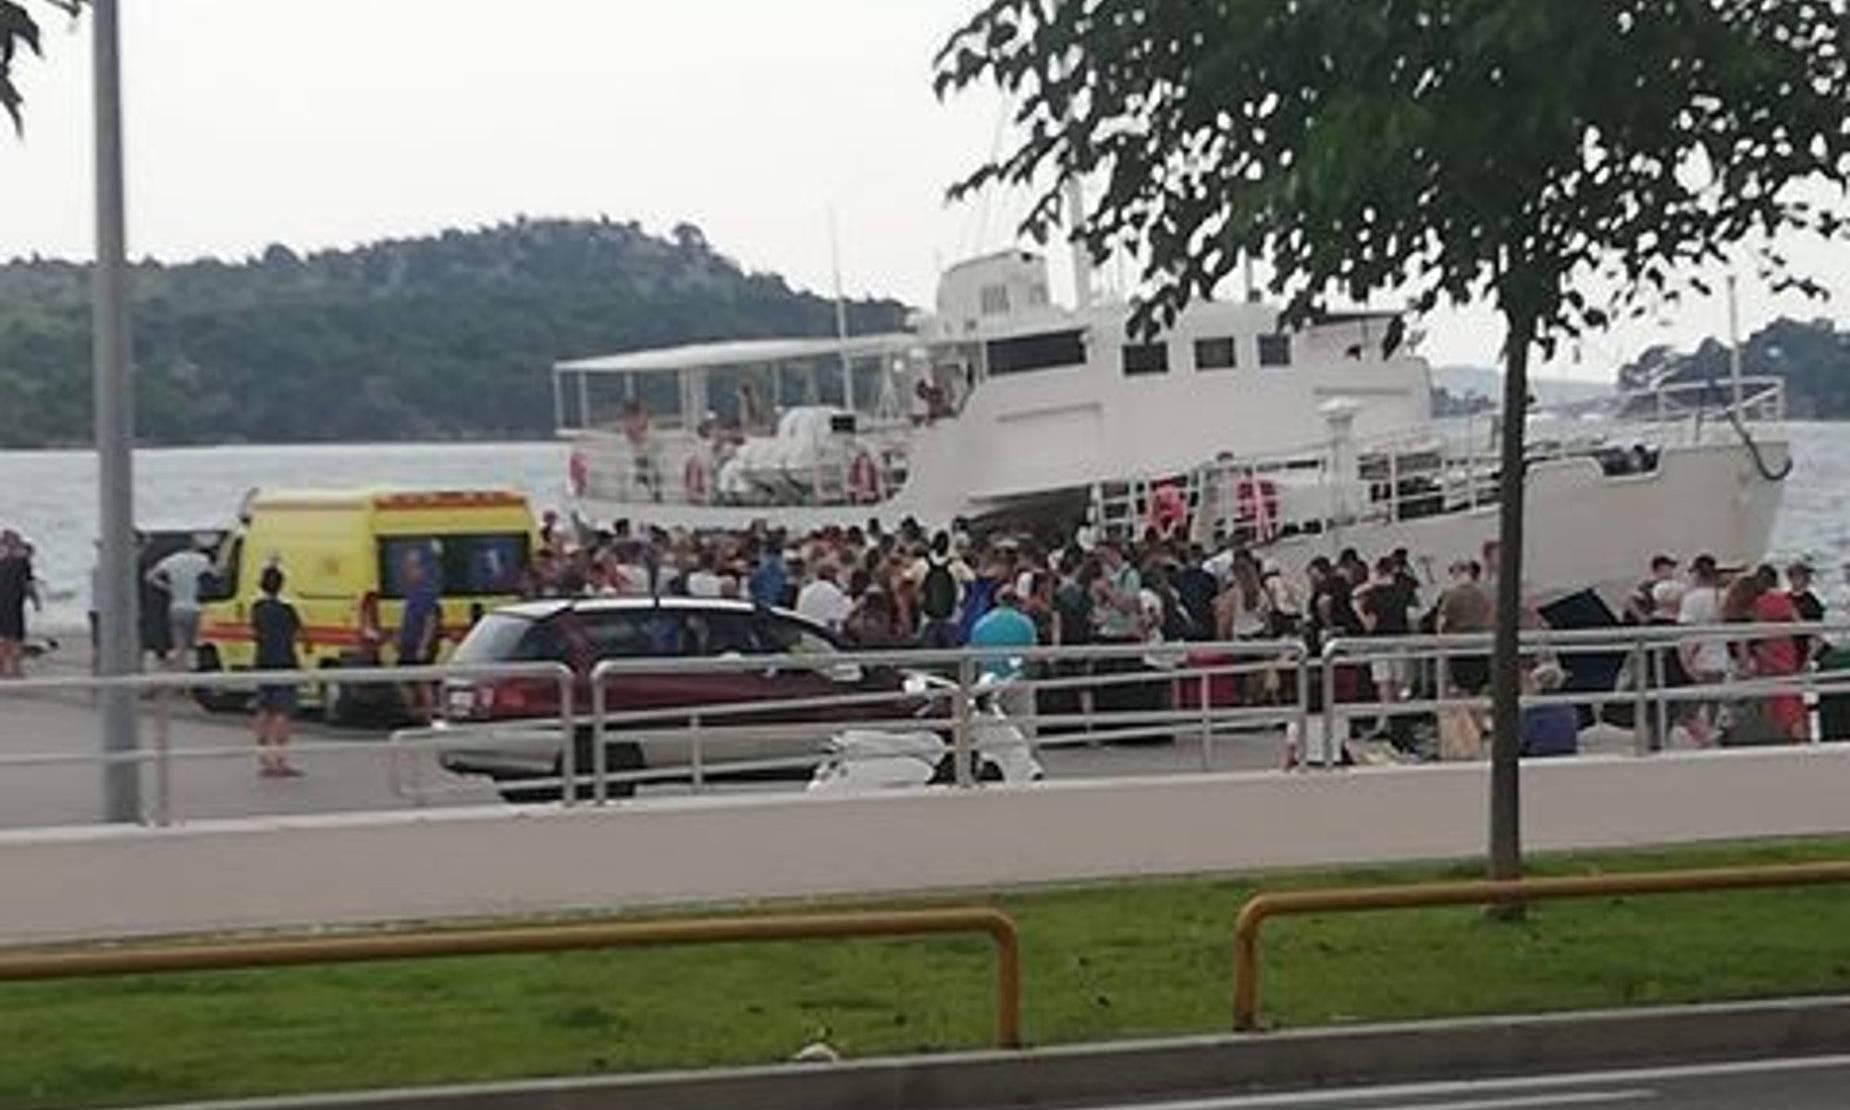 Zašto trajektna luka nema nikakvo mjesto gdje se može sjesti i pričekati brod?